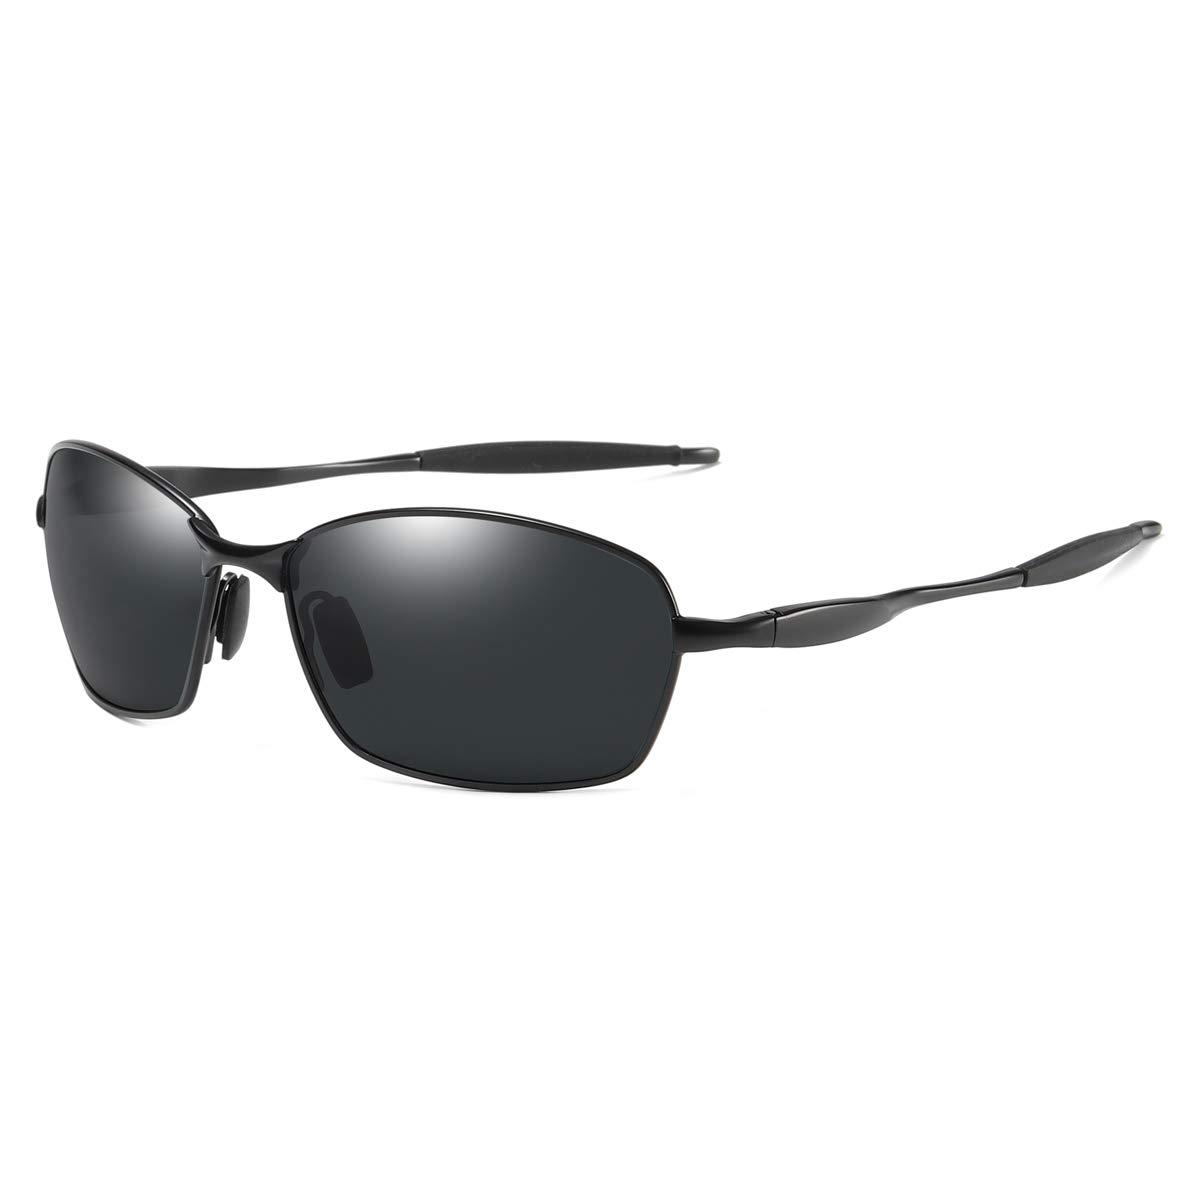 121e8ea9e127 Amazon.com: Wraparound Polarized Sunglasses Large Square Rectangle Metal  Frame for Men Driving Fishing (Black/Gray, 60): Clothing